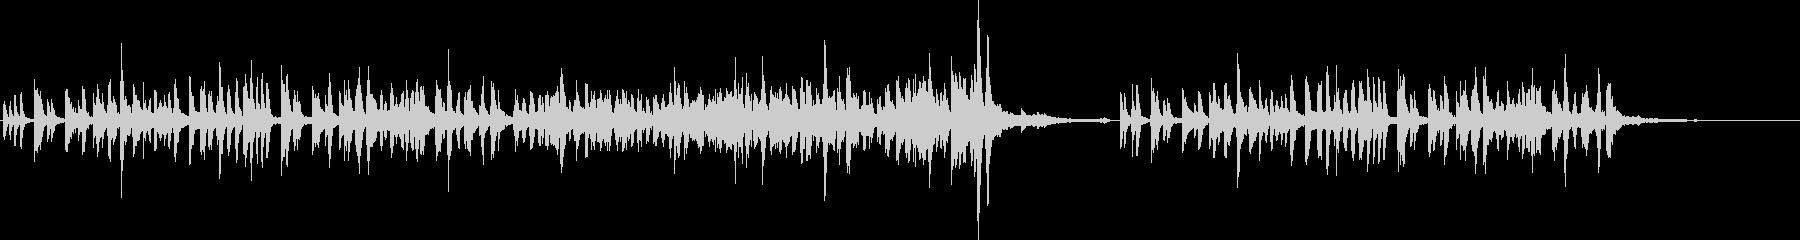 マリンバ(木琴)の軽快で爽やかなジャズの未再生の波形